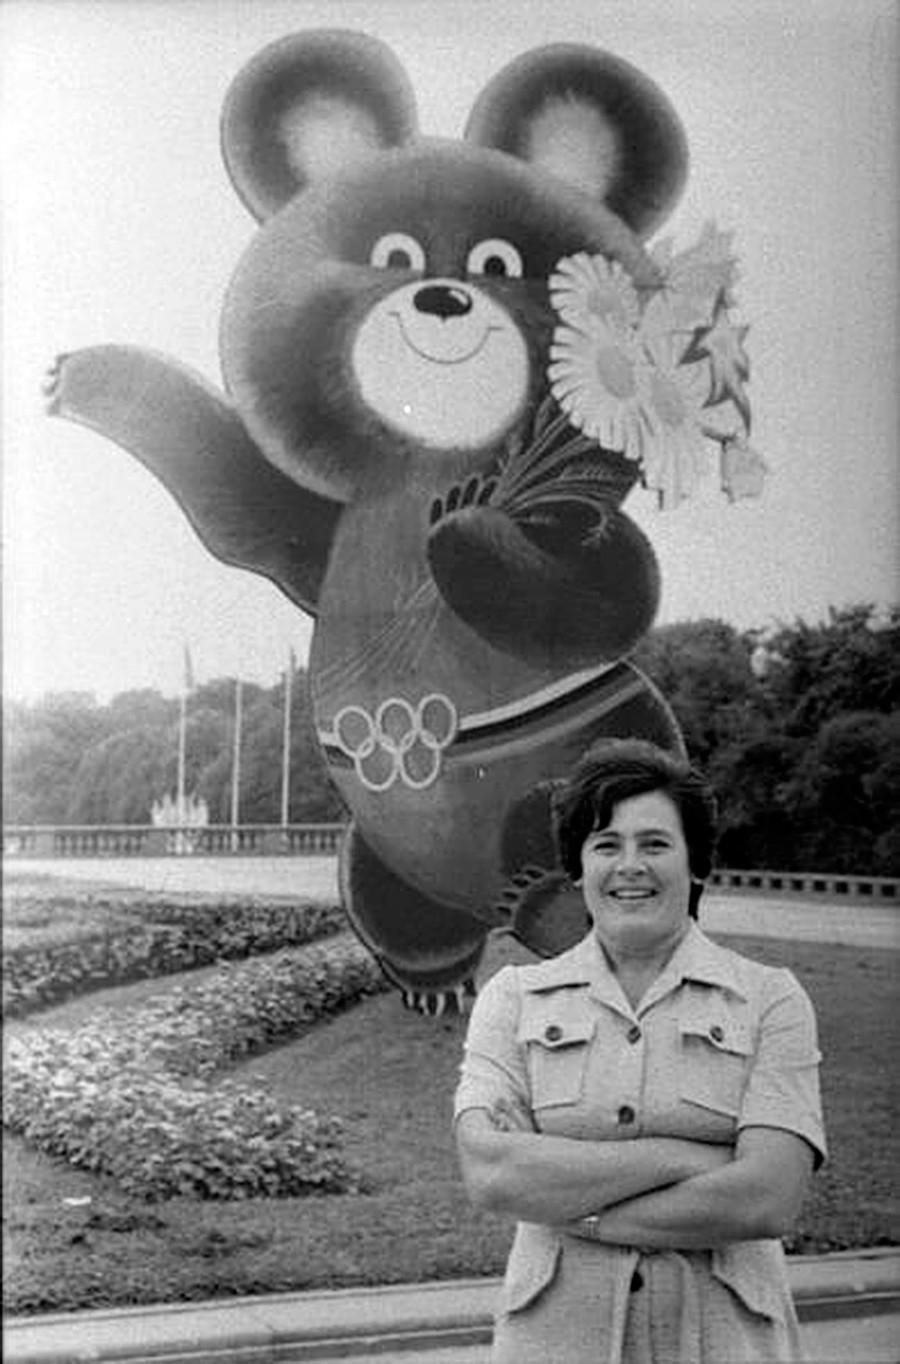 Porträt einer Frau mit Mischka, dem Maskottchen der Olympischen Spiele 1980 in Moskau